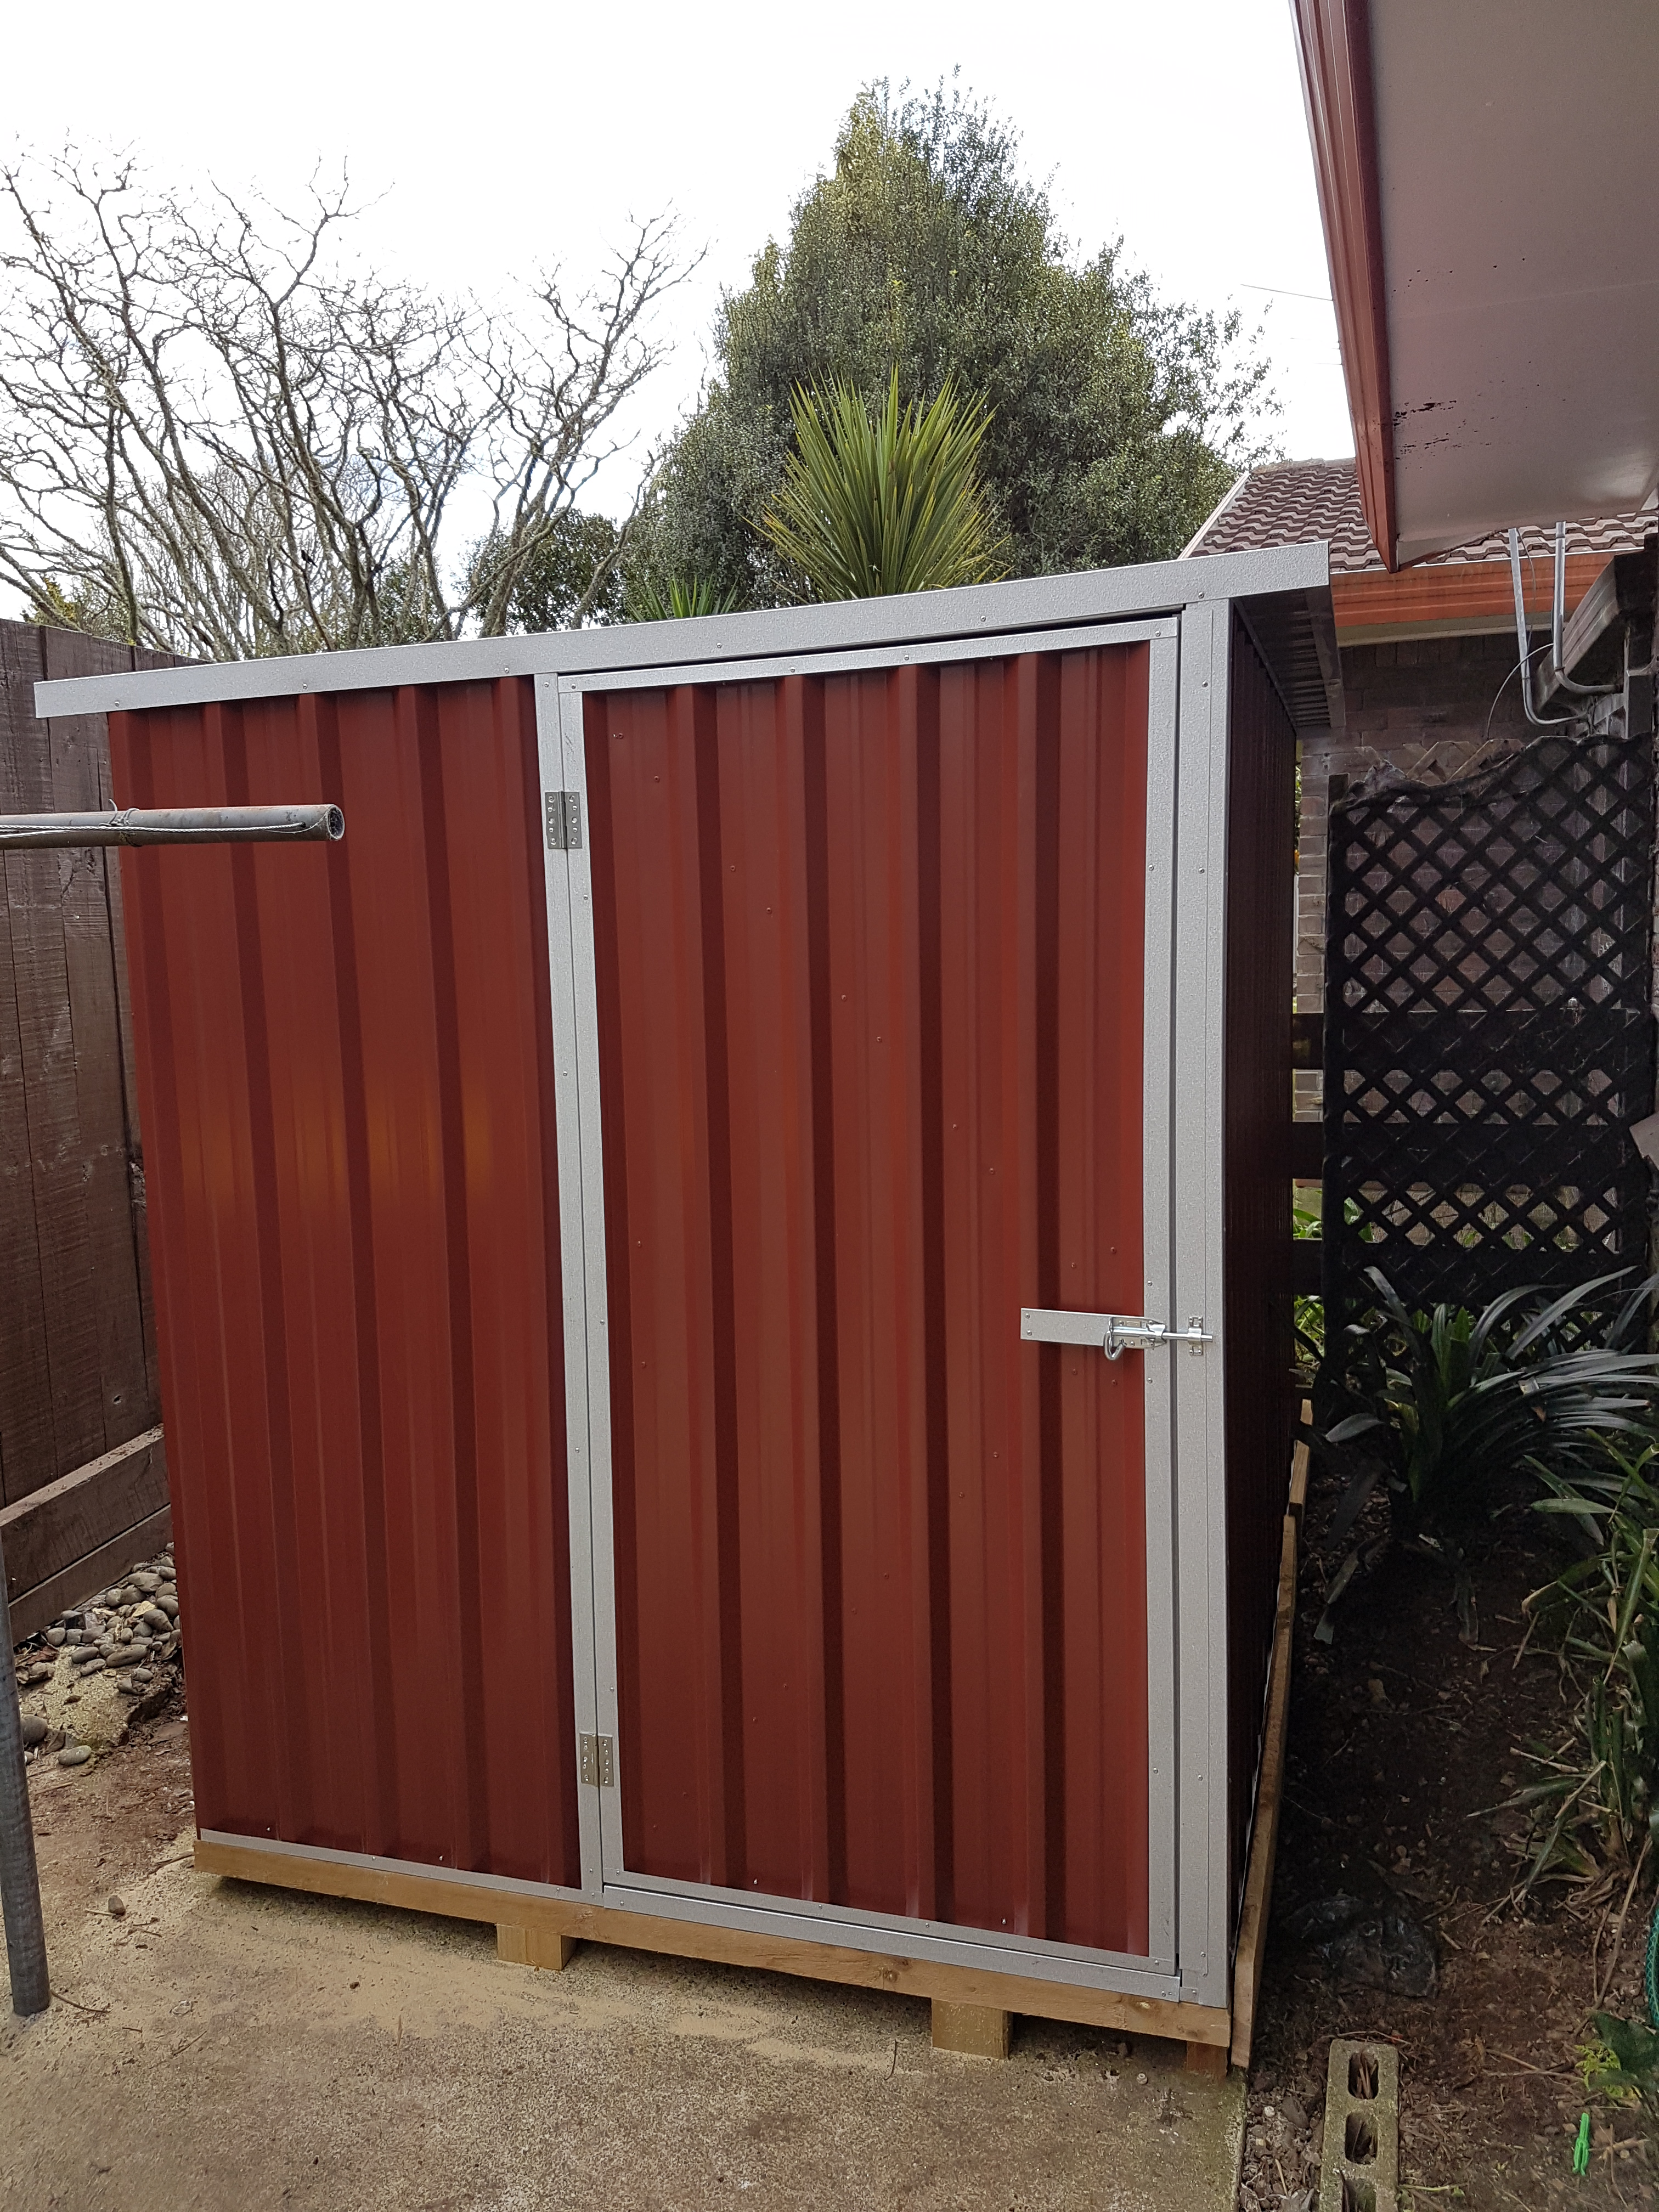 Garden sheds nz quality garden sheds 1st choice garden for Quality garden sheds